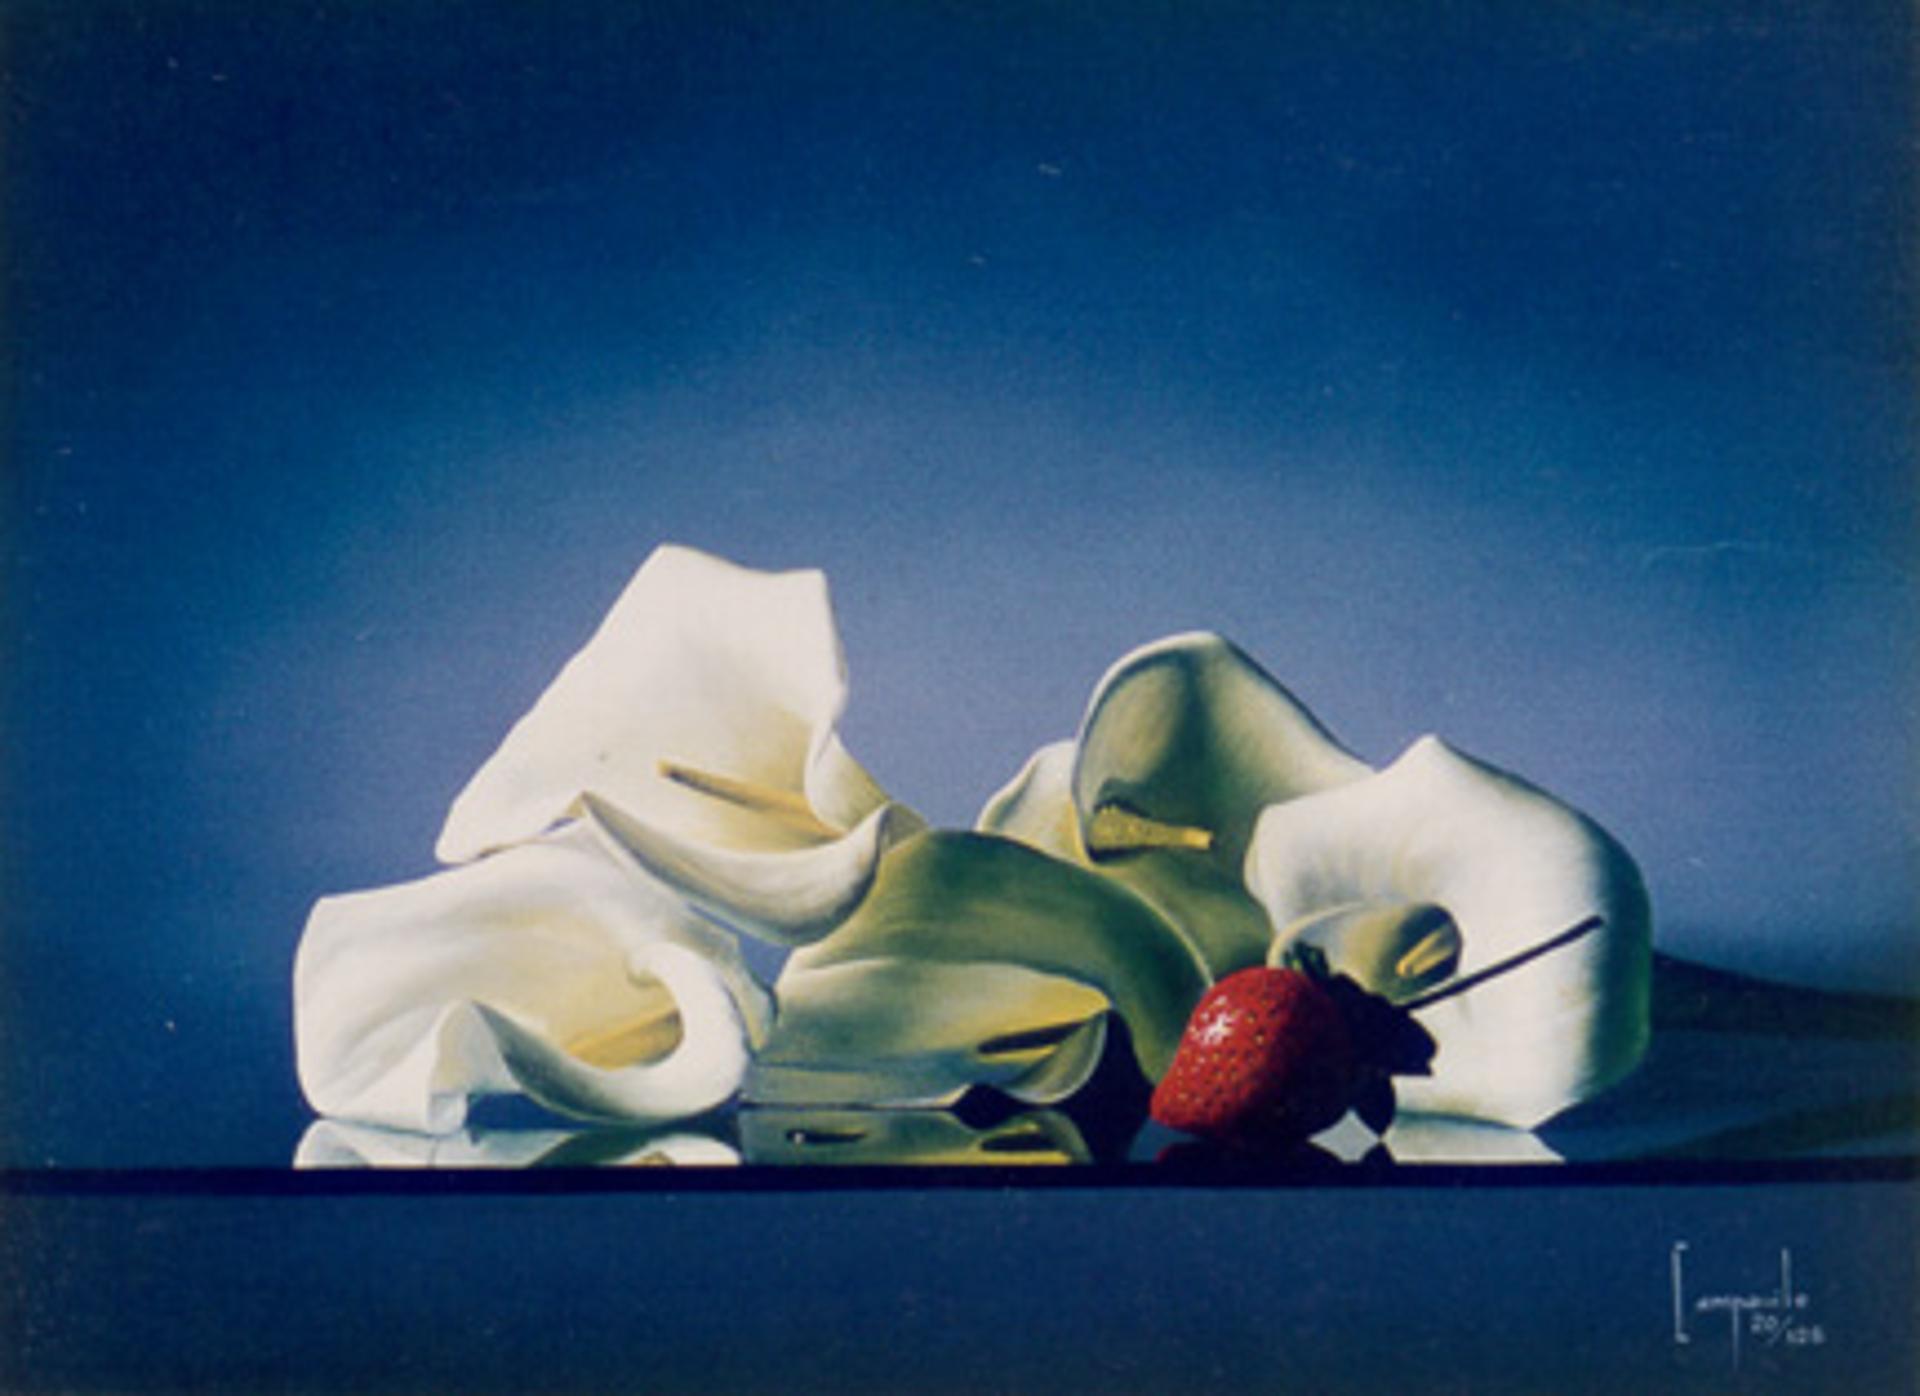 Intruder by Dario Campanile